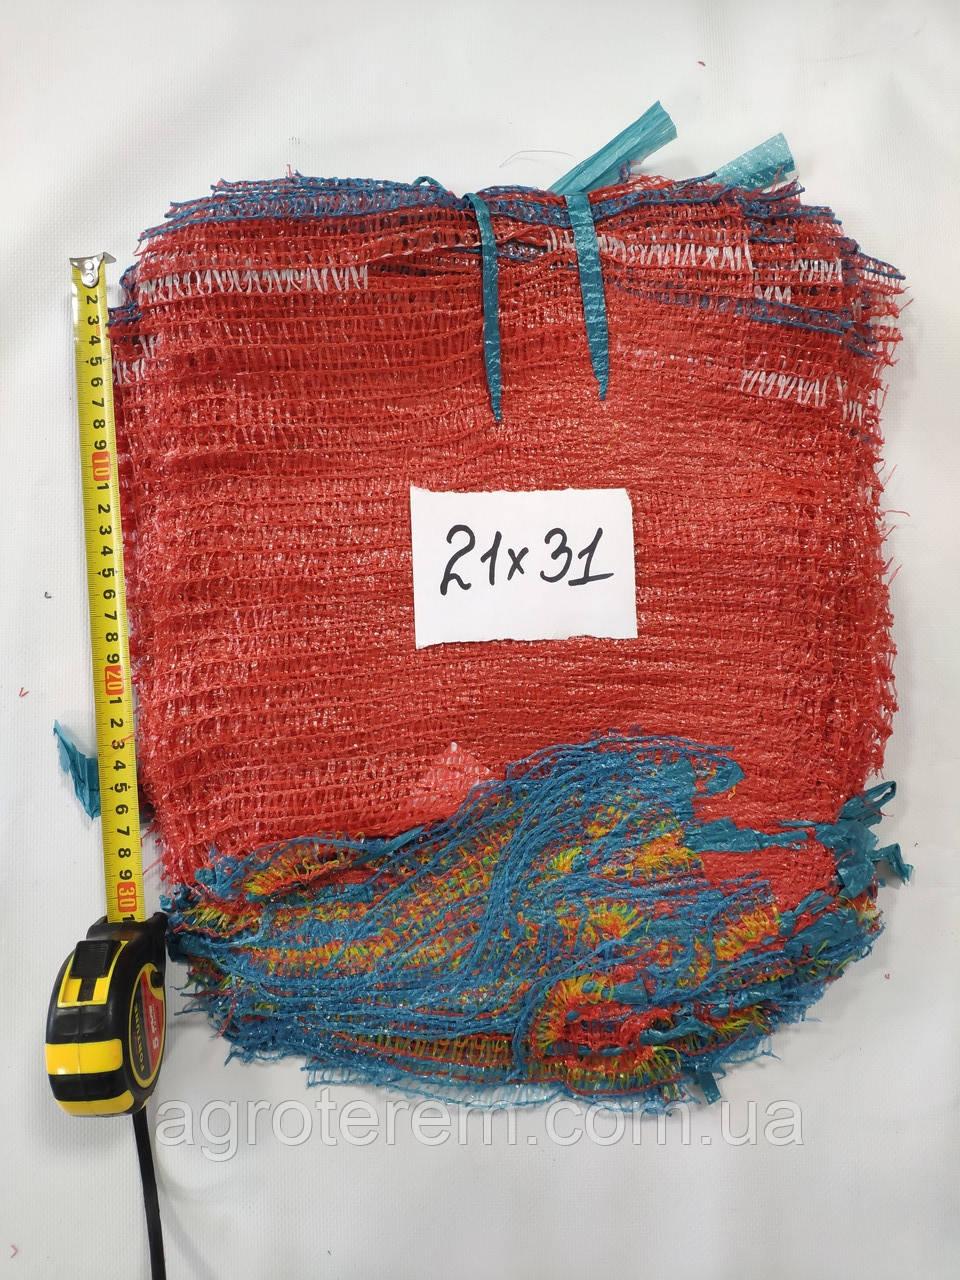 Сетка овощная 21х31  до 3 кг (100шт) красная